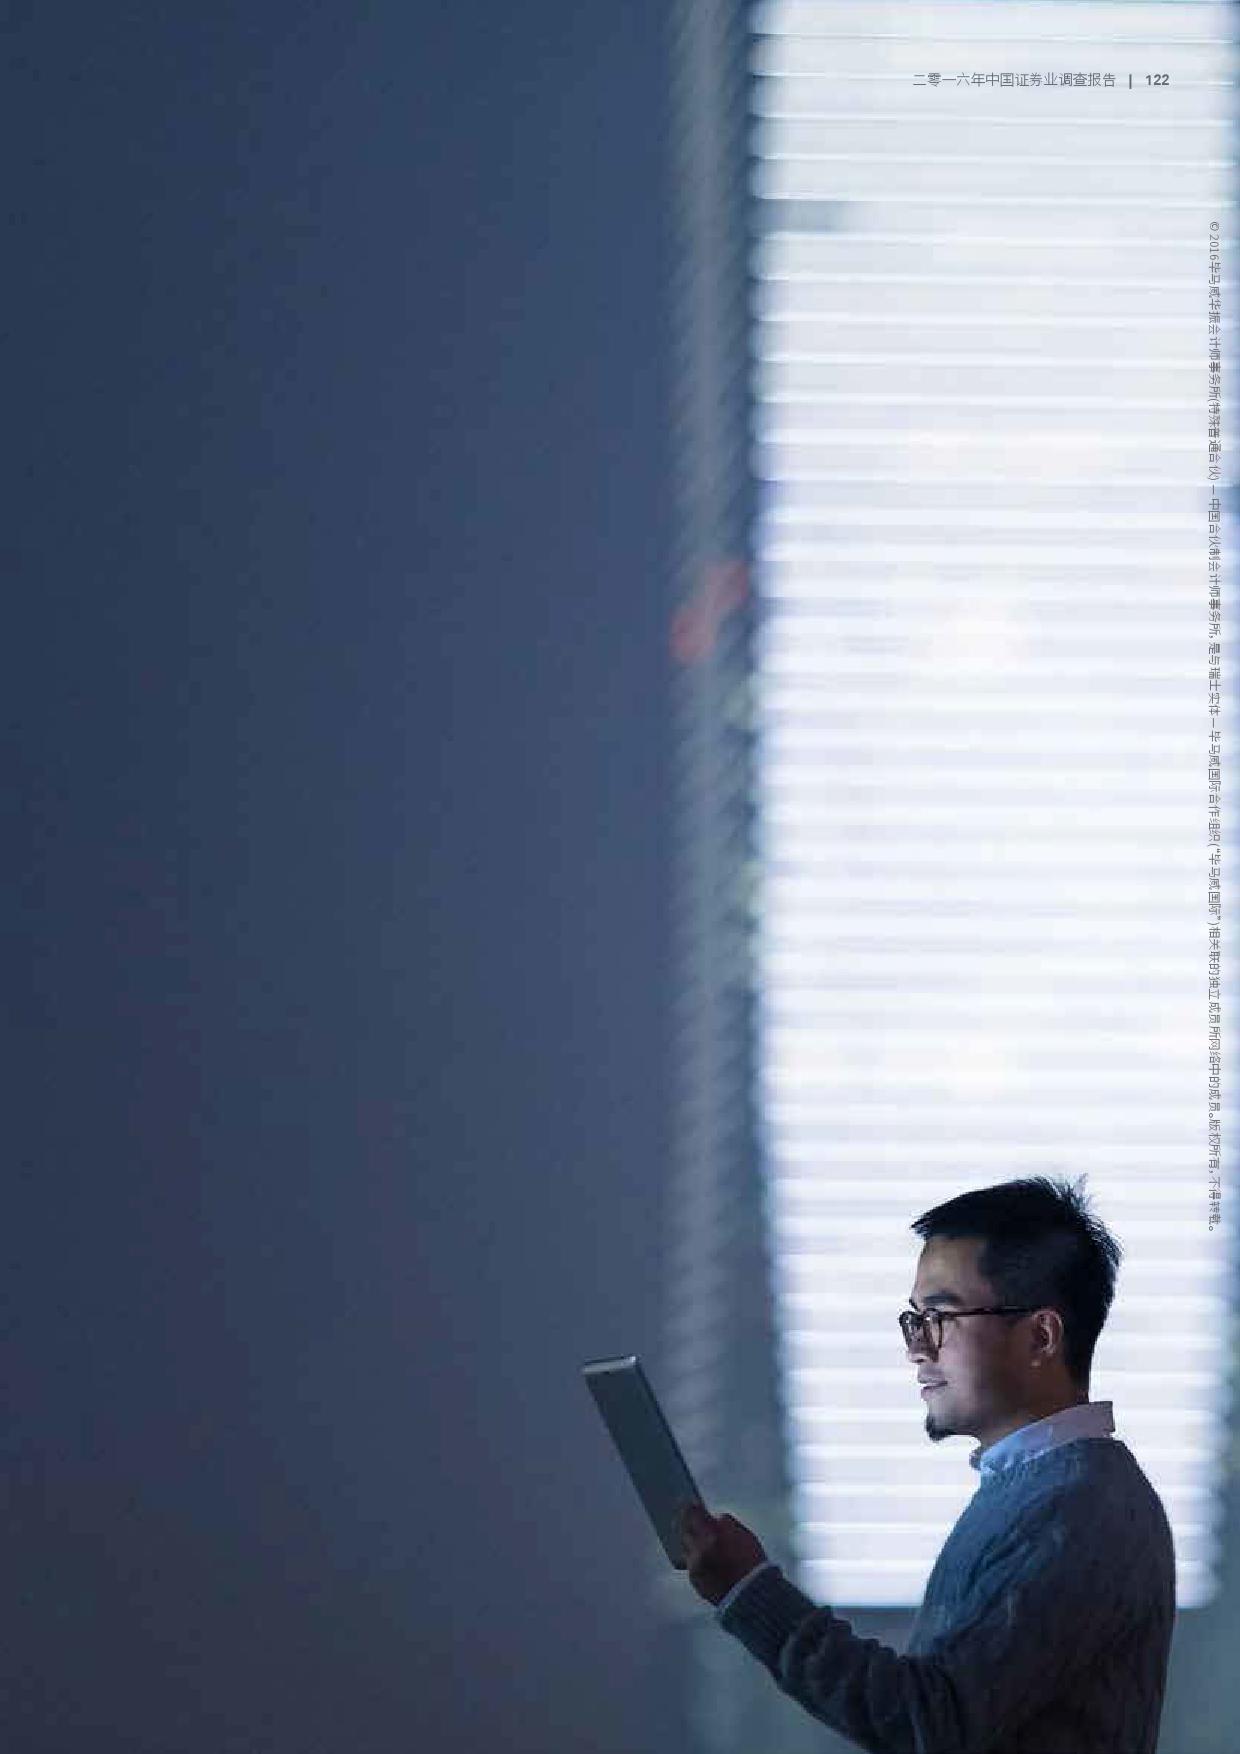 2016年中国证券业调查报告_000125